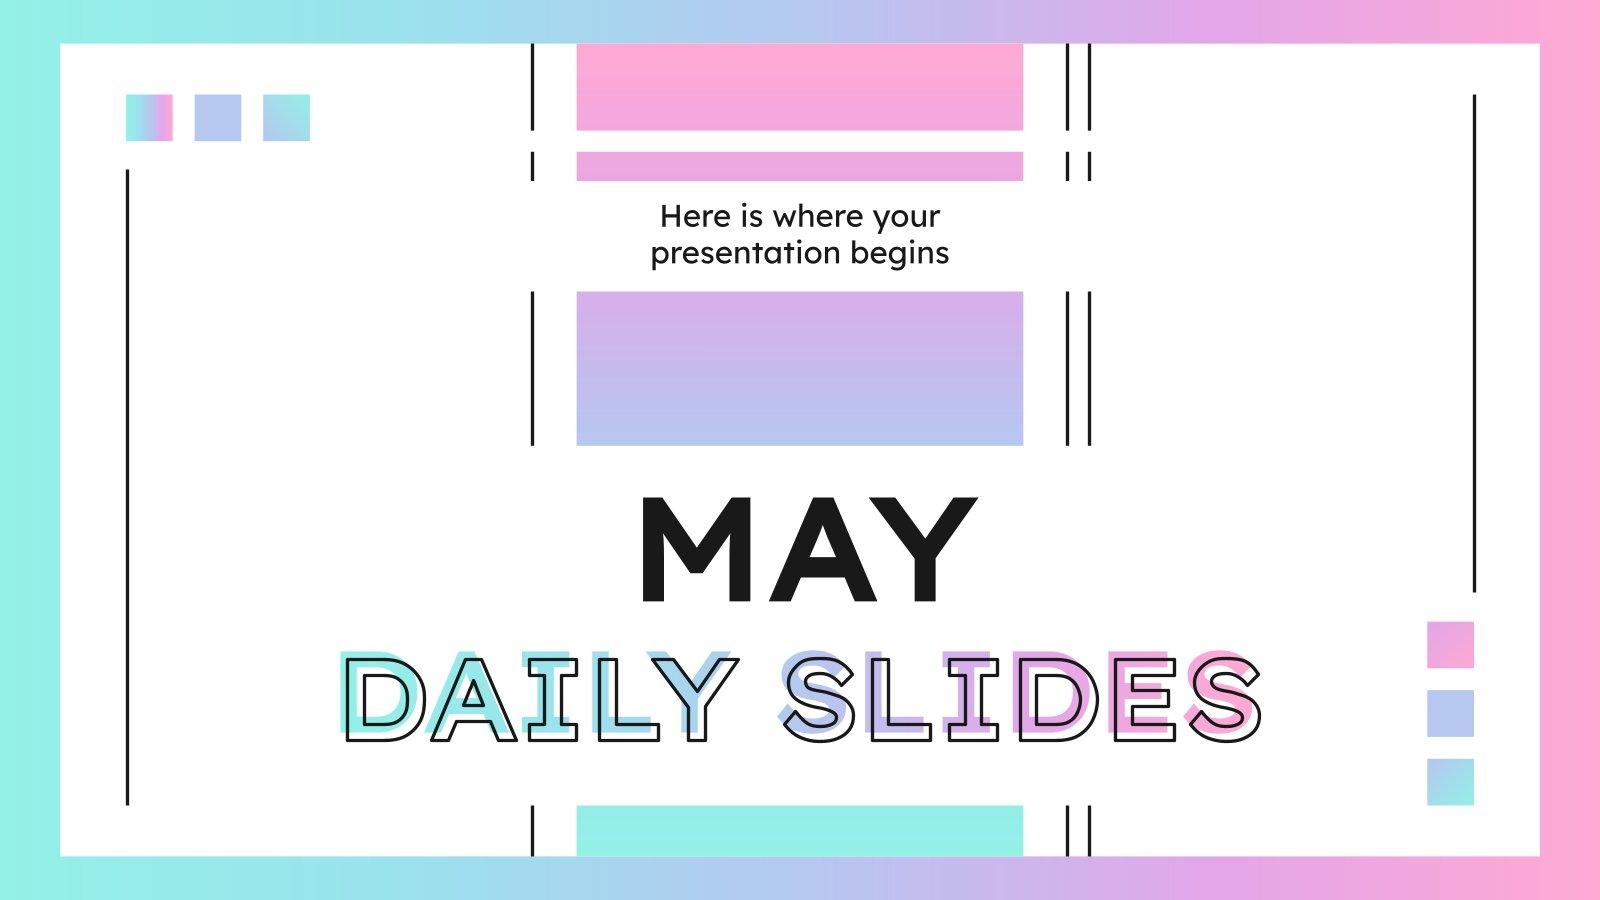 Modelo de apresentação Slides para o mês de maio